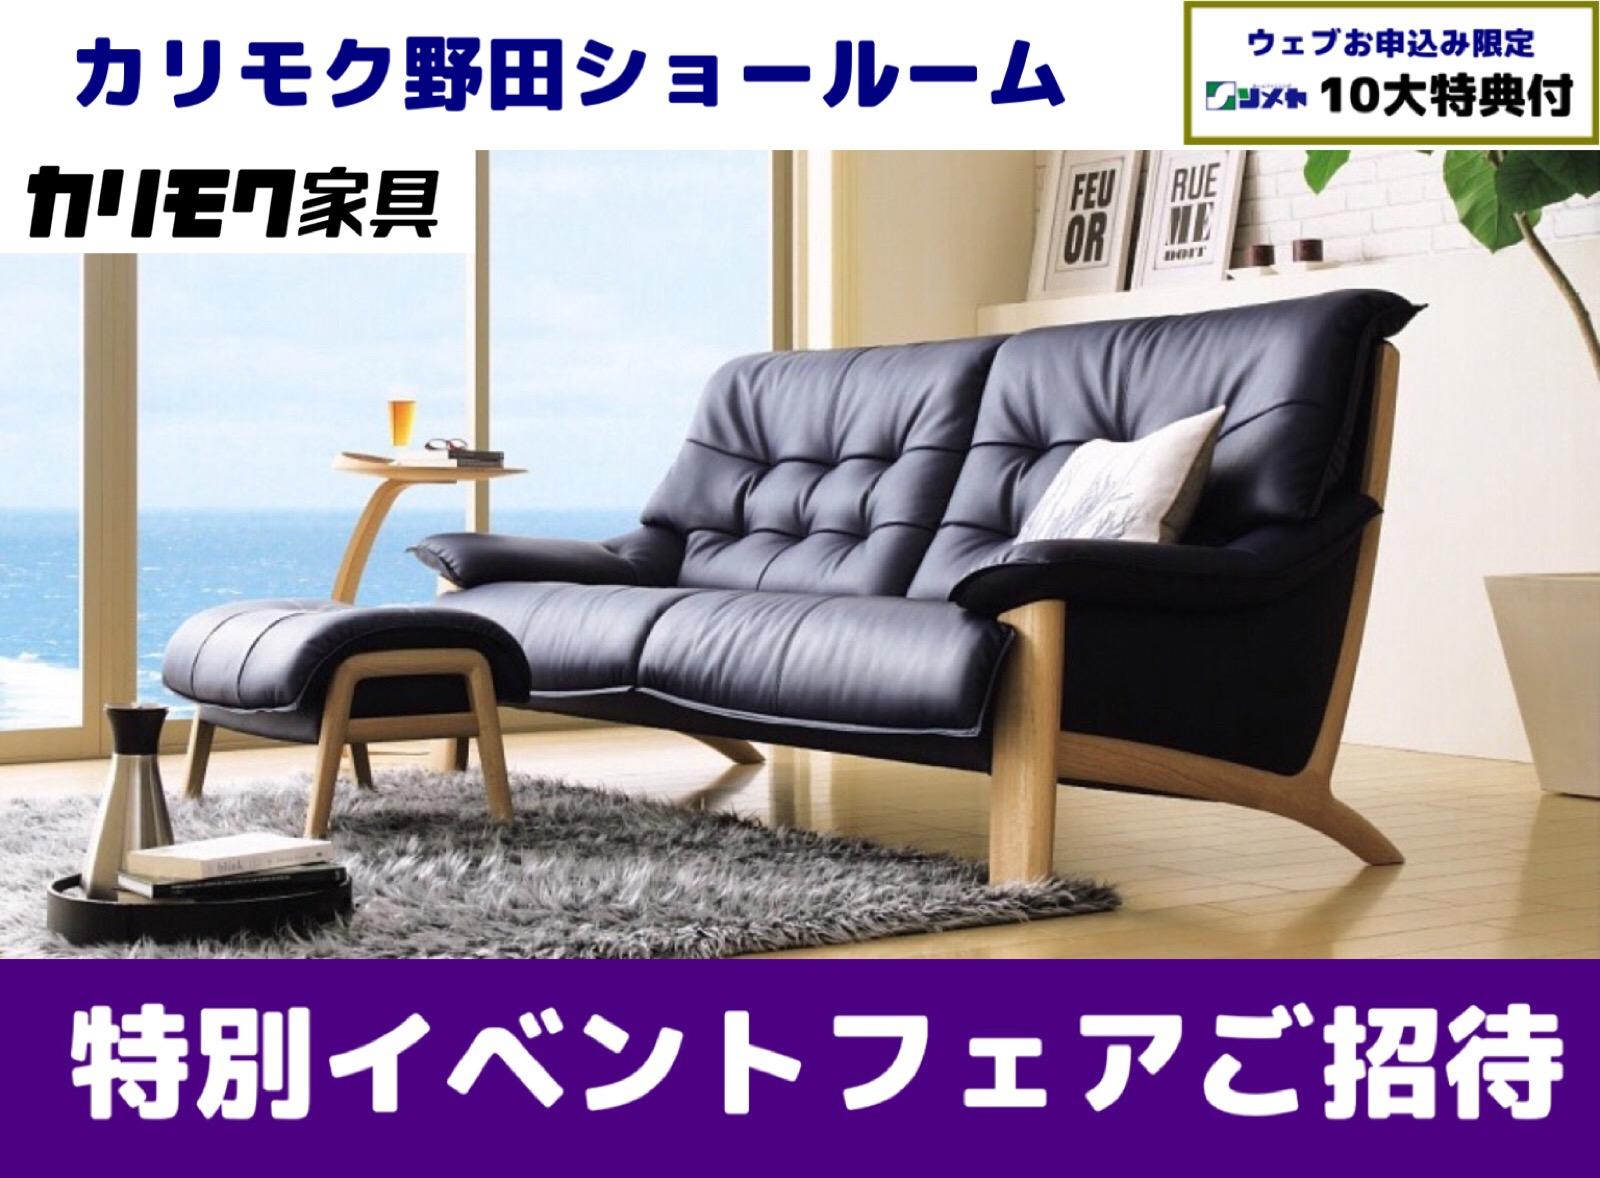 カリモク家具野田イベントご案内